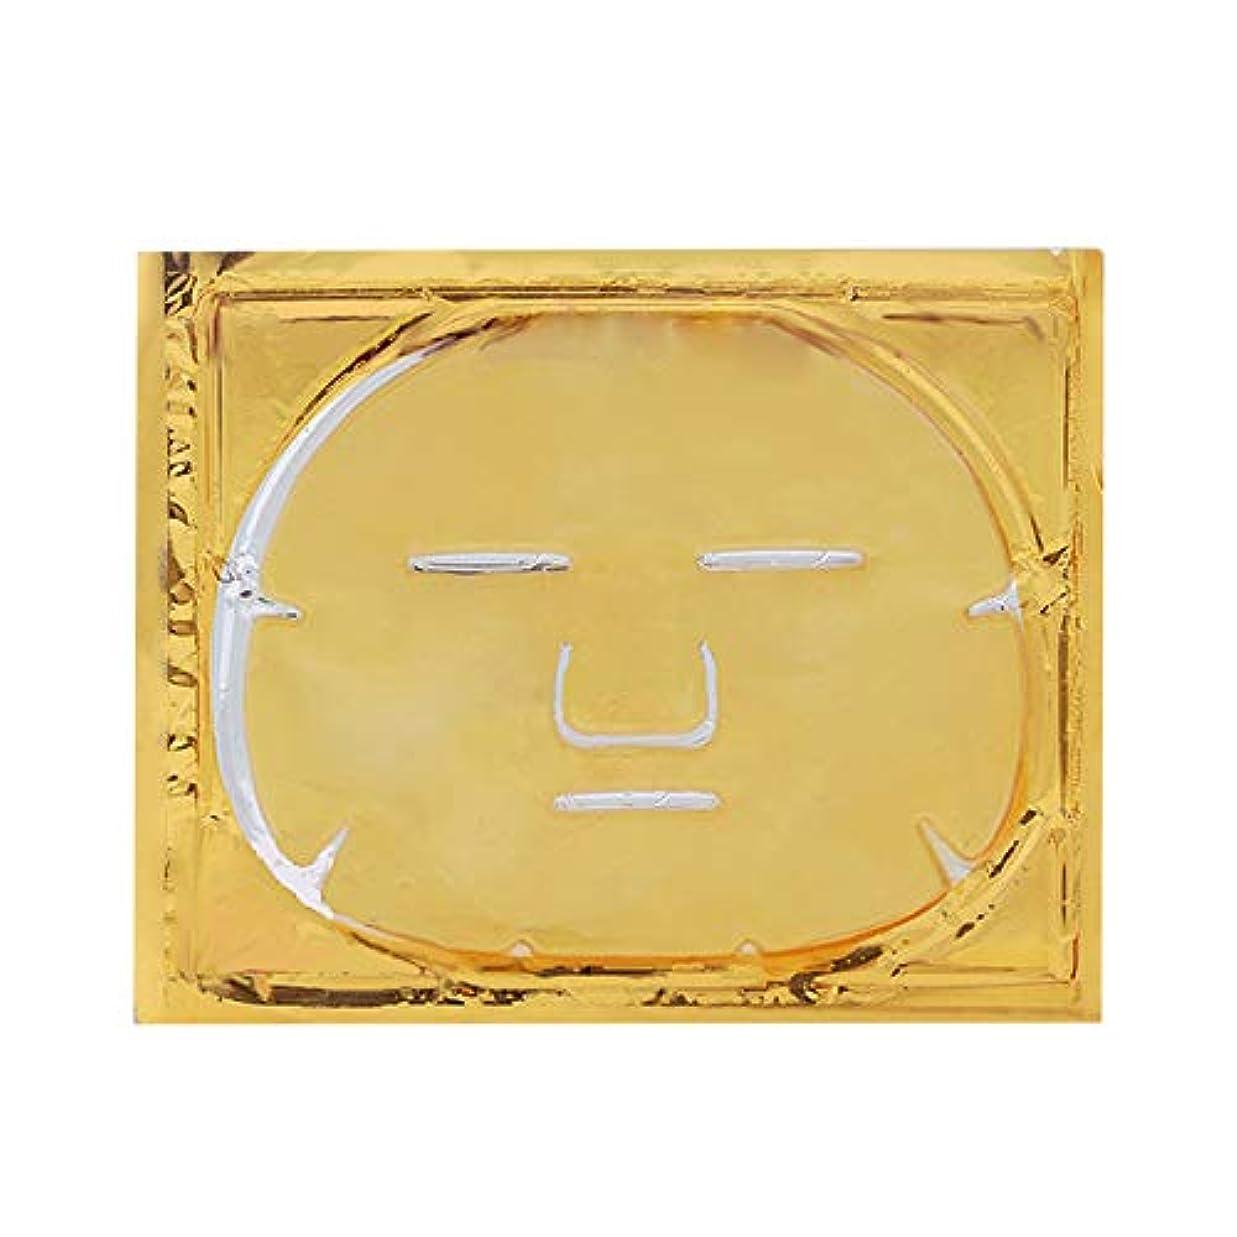 誠実さソファースクラブSODIAL ゴールド ゲル コラーゲン 水晶フェイシャル?マスク シート パッチ アンチエイジング、美白、むくみ、しわ、保湿、深部組織の若返りと水分補給用